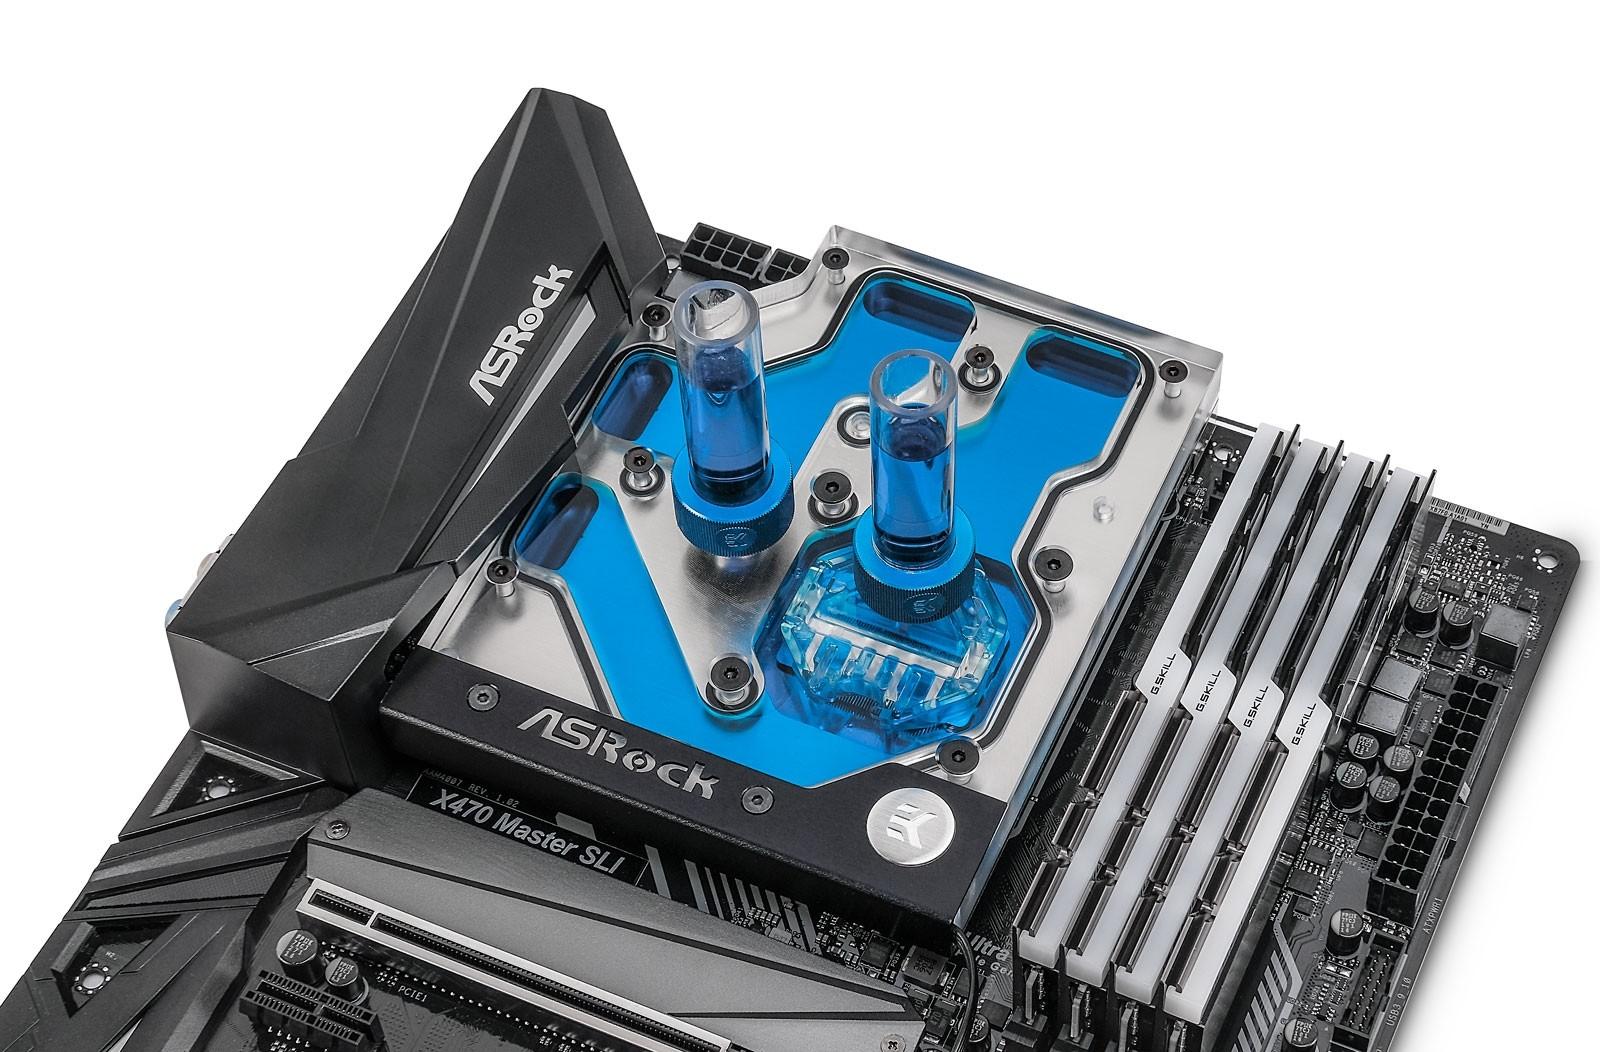 EK Water Blocks EK-FB ASRock X470 Gaming K4 RGB Monoblock - Nickel